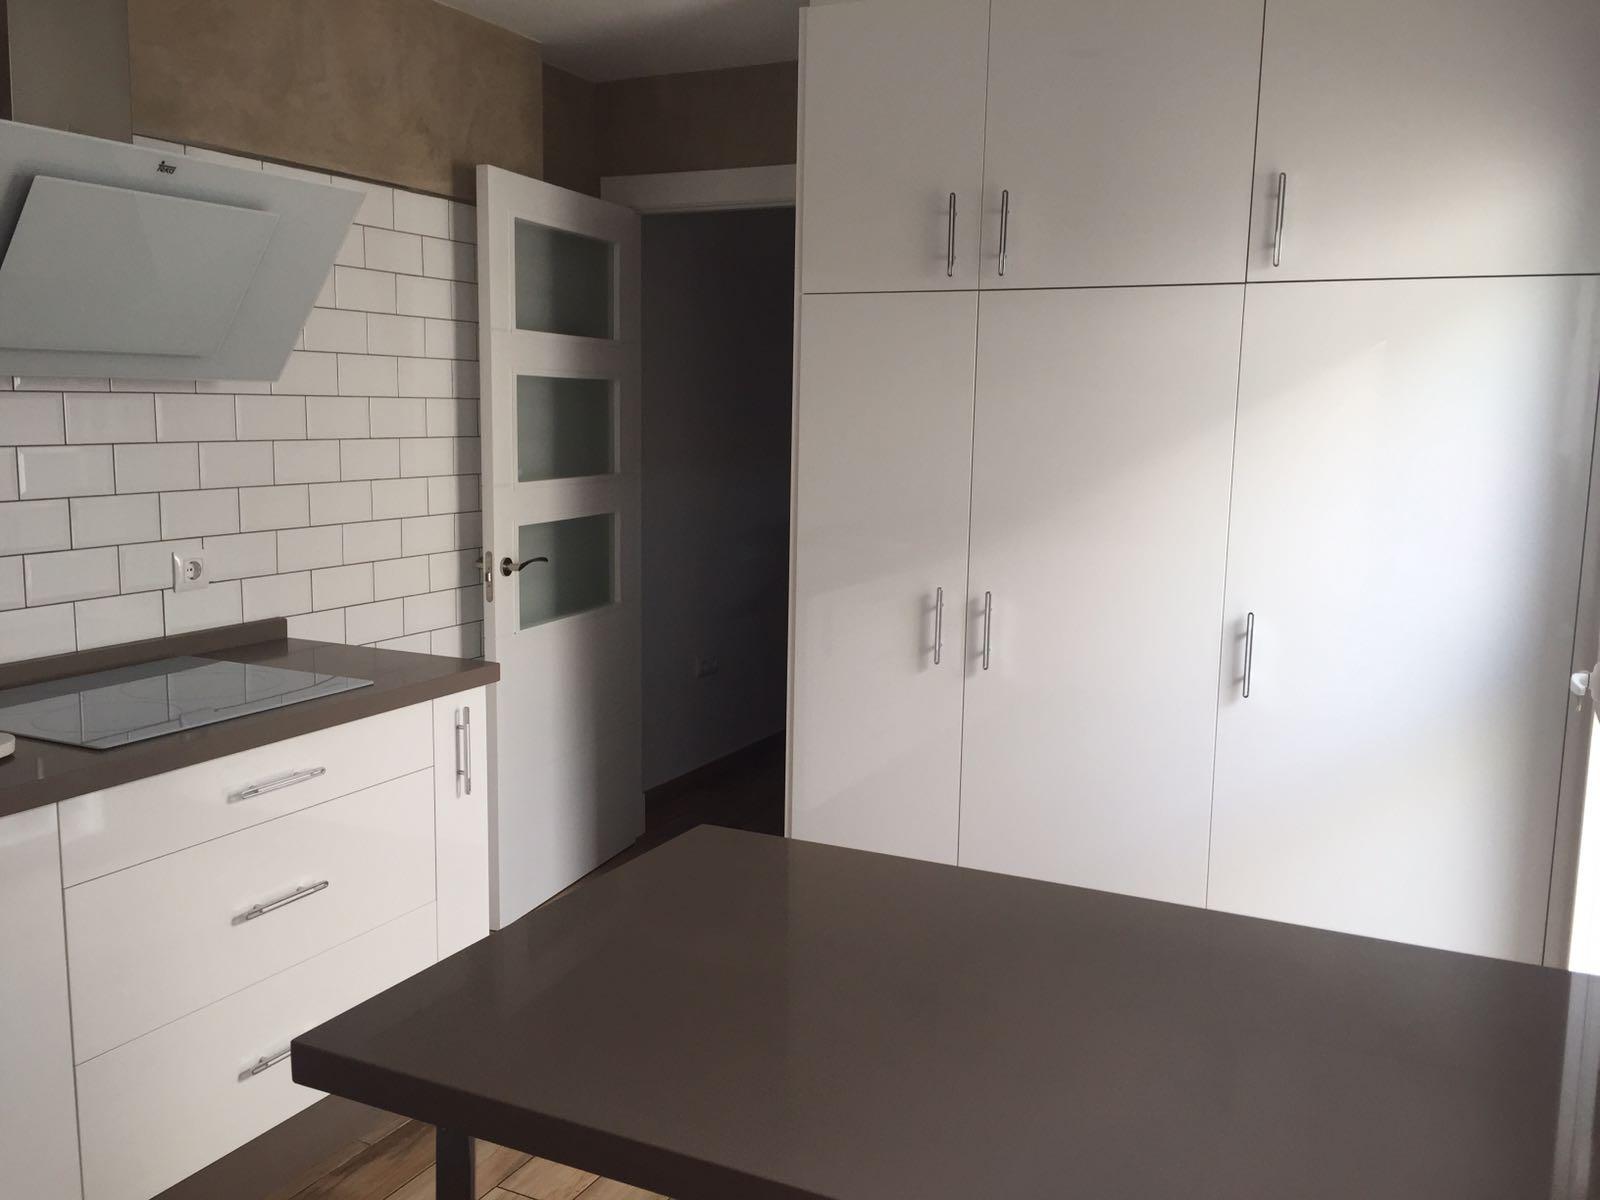 Emejing Comprar Muebles Cocina Contemporary - Casa & Diseño Ideas ...